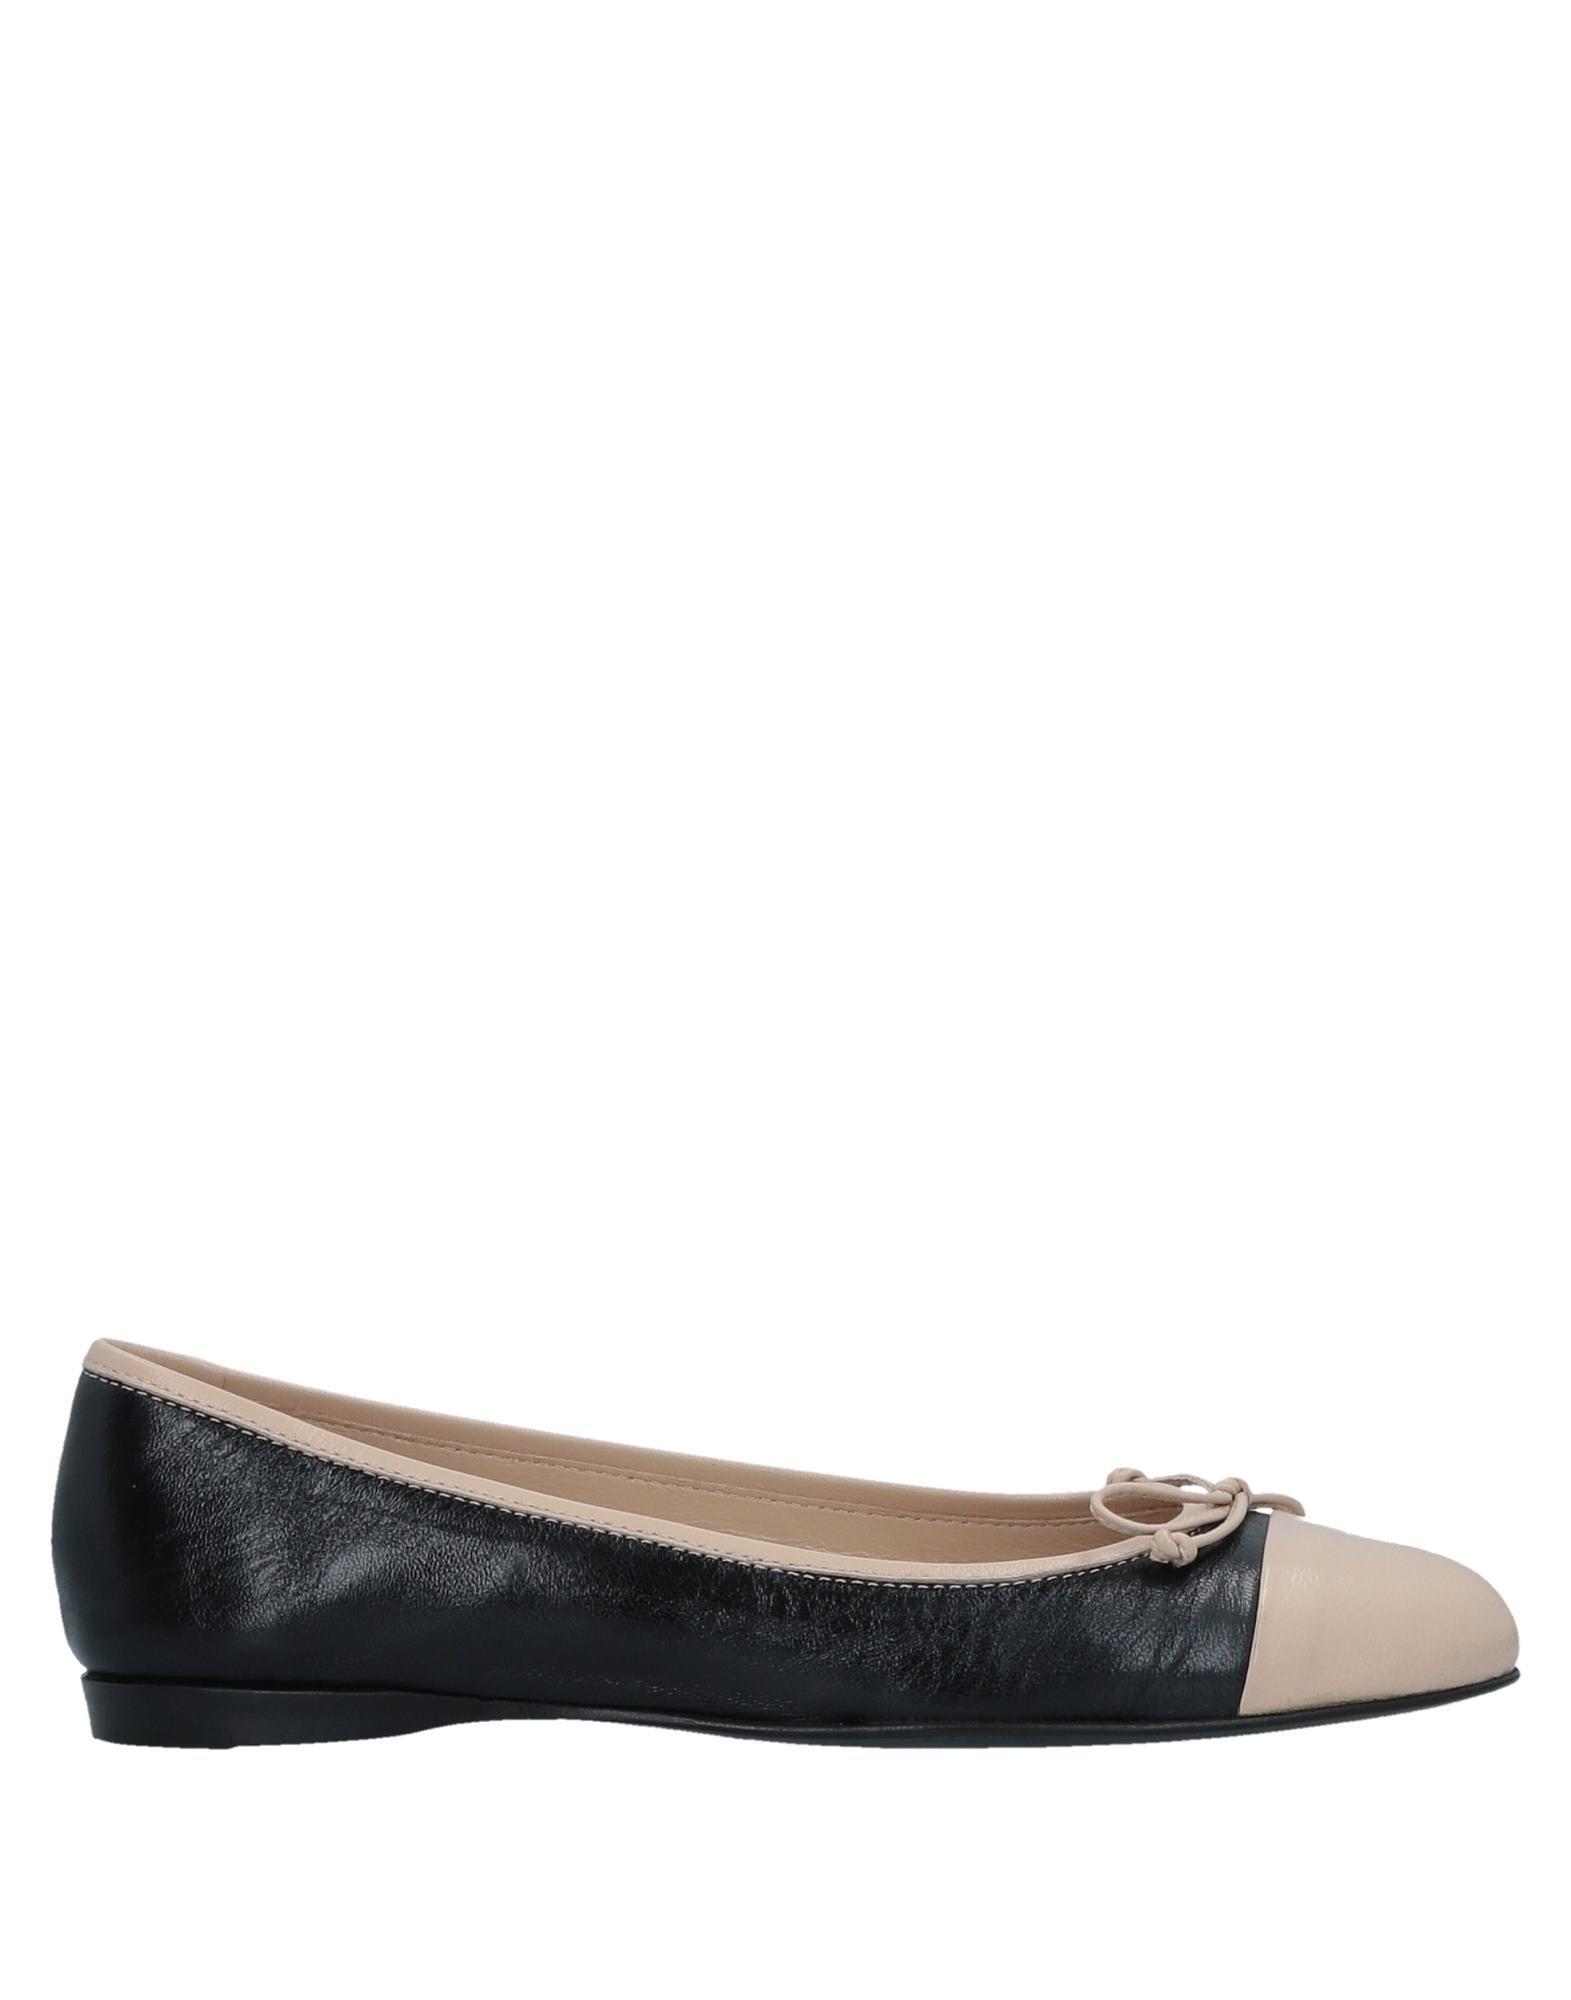 Betti Oliva Ballerinas Damen  11521951QU Gute Qualität beliebte Schuhe